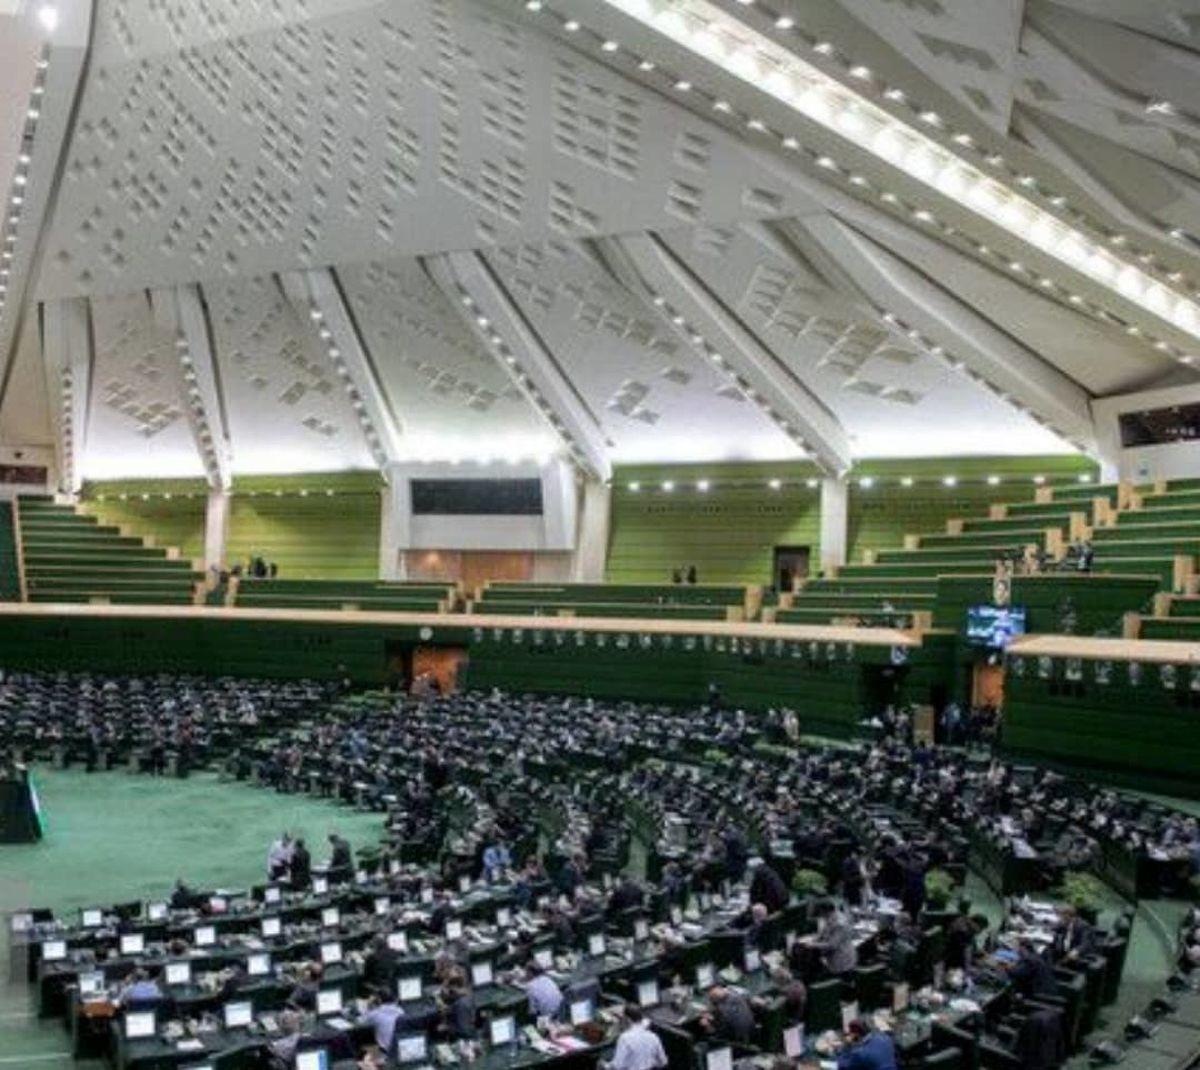 پایگاههای بسیج و موزههای دفاع مقدس از پرداخت حق انشعاب و عوارض شهرداری معاف شدند